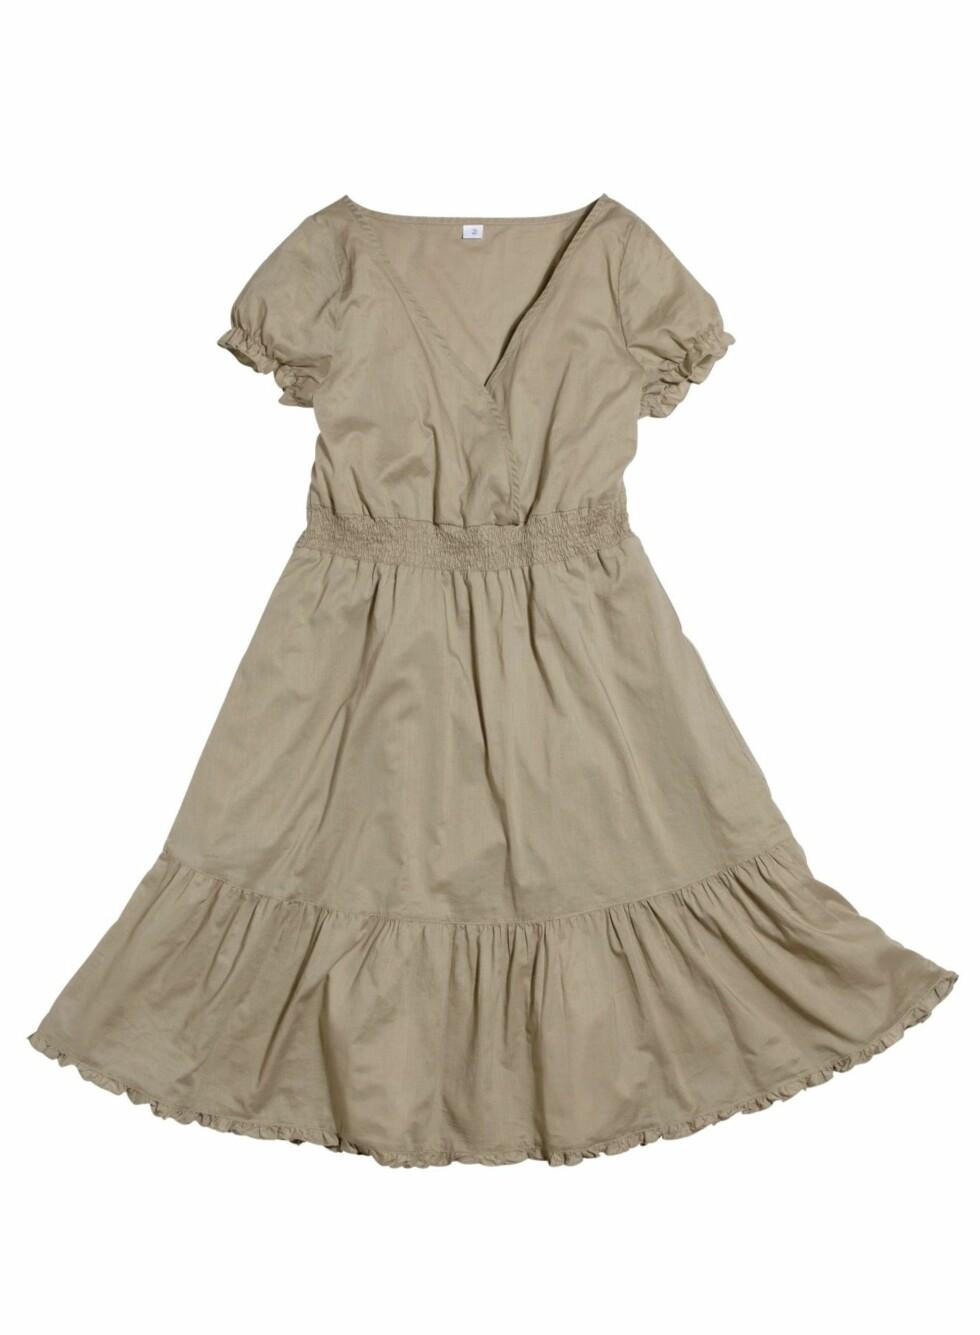 Enkel beige kjole med innsving og omslag i front (kr 179/Ellos). Foto: produsent